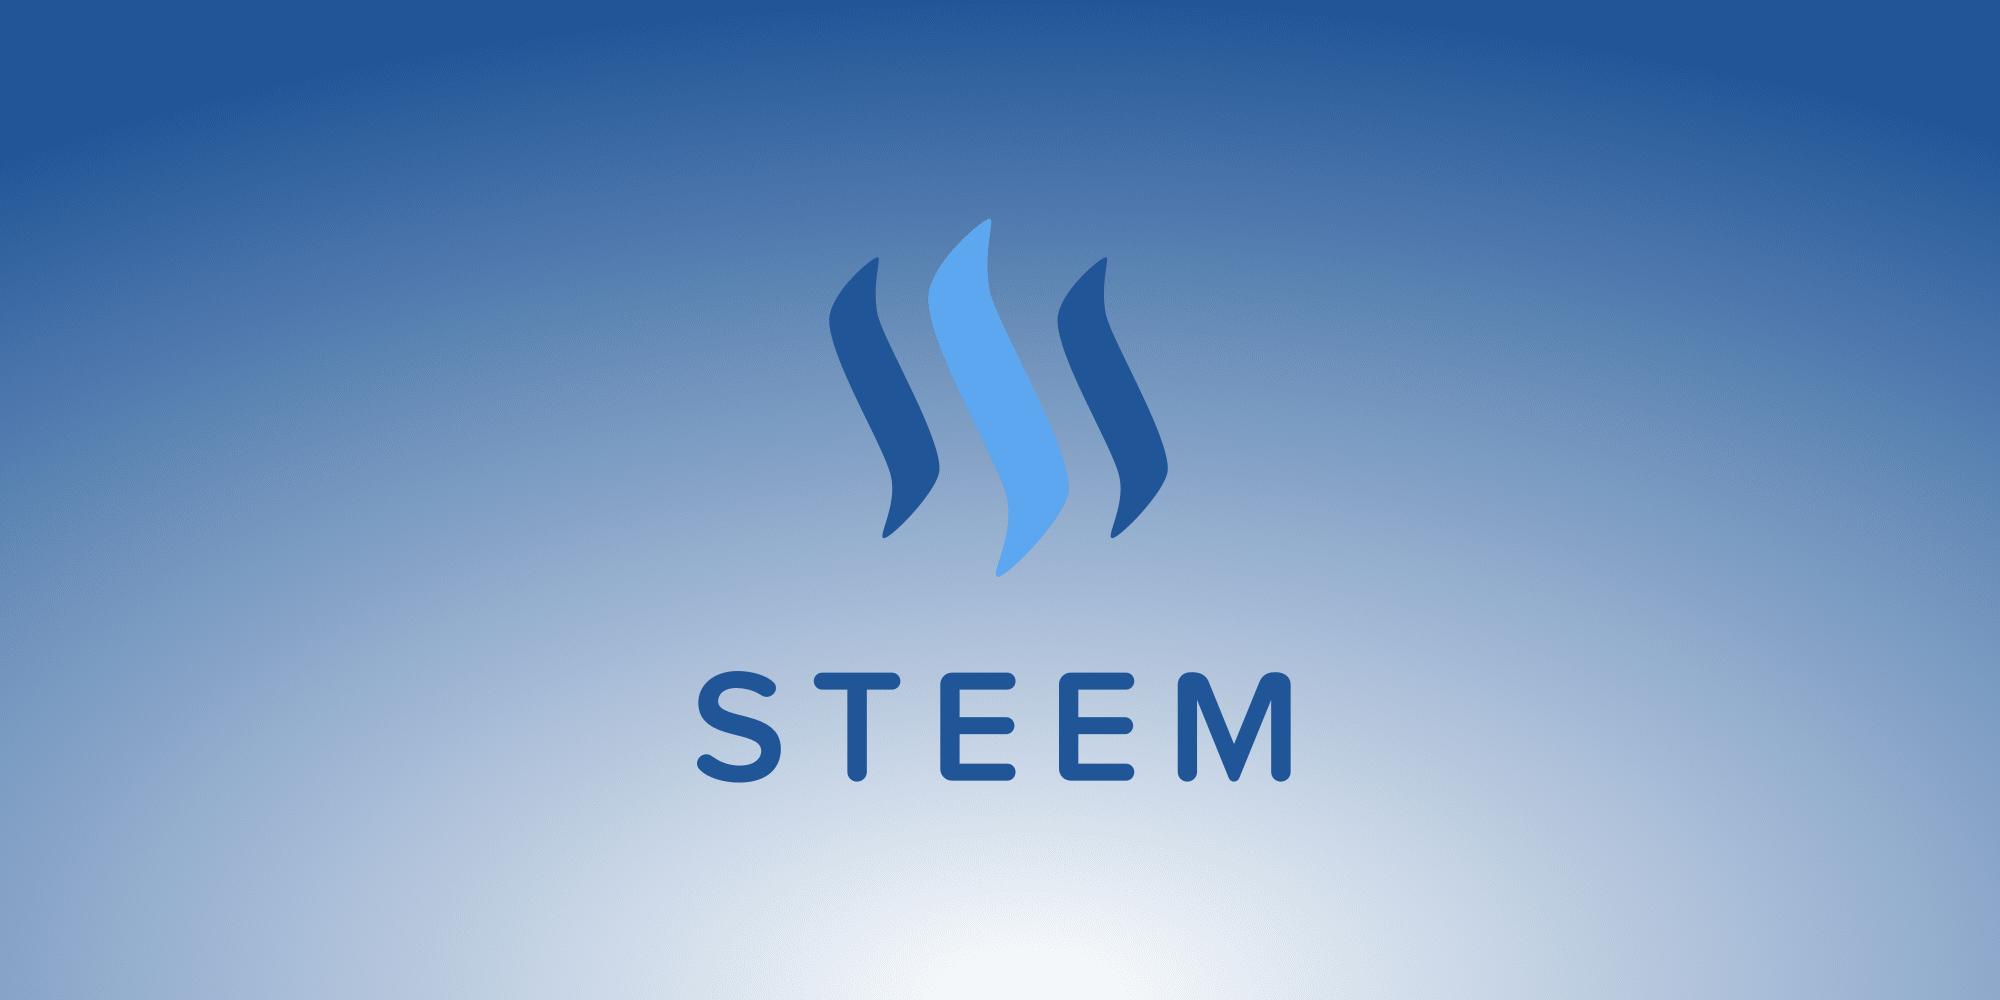 استیم (Steem) چیست و چگونه کار می کند؟